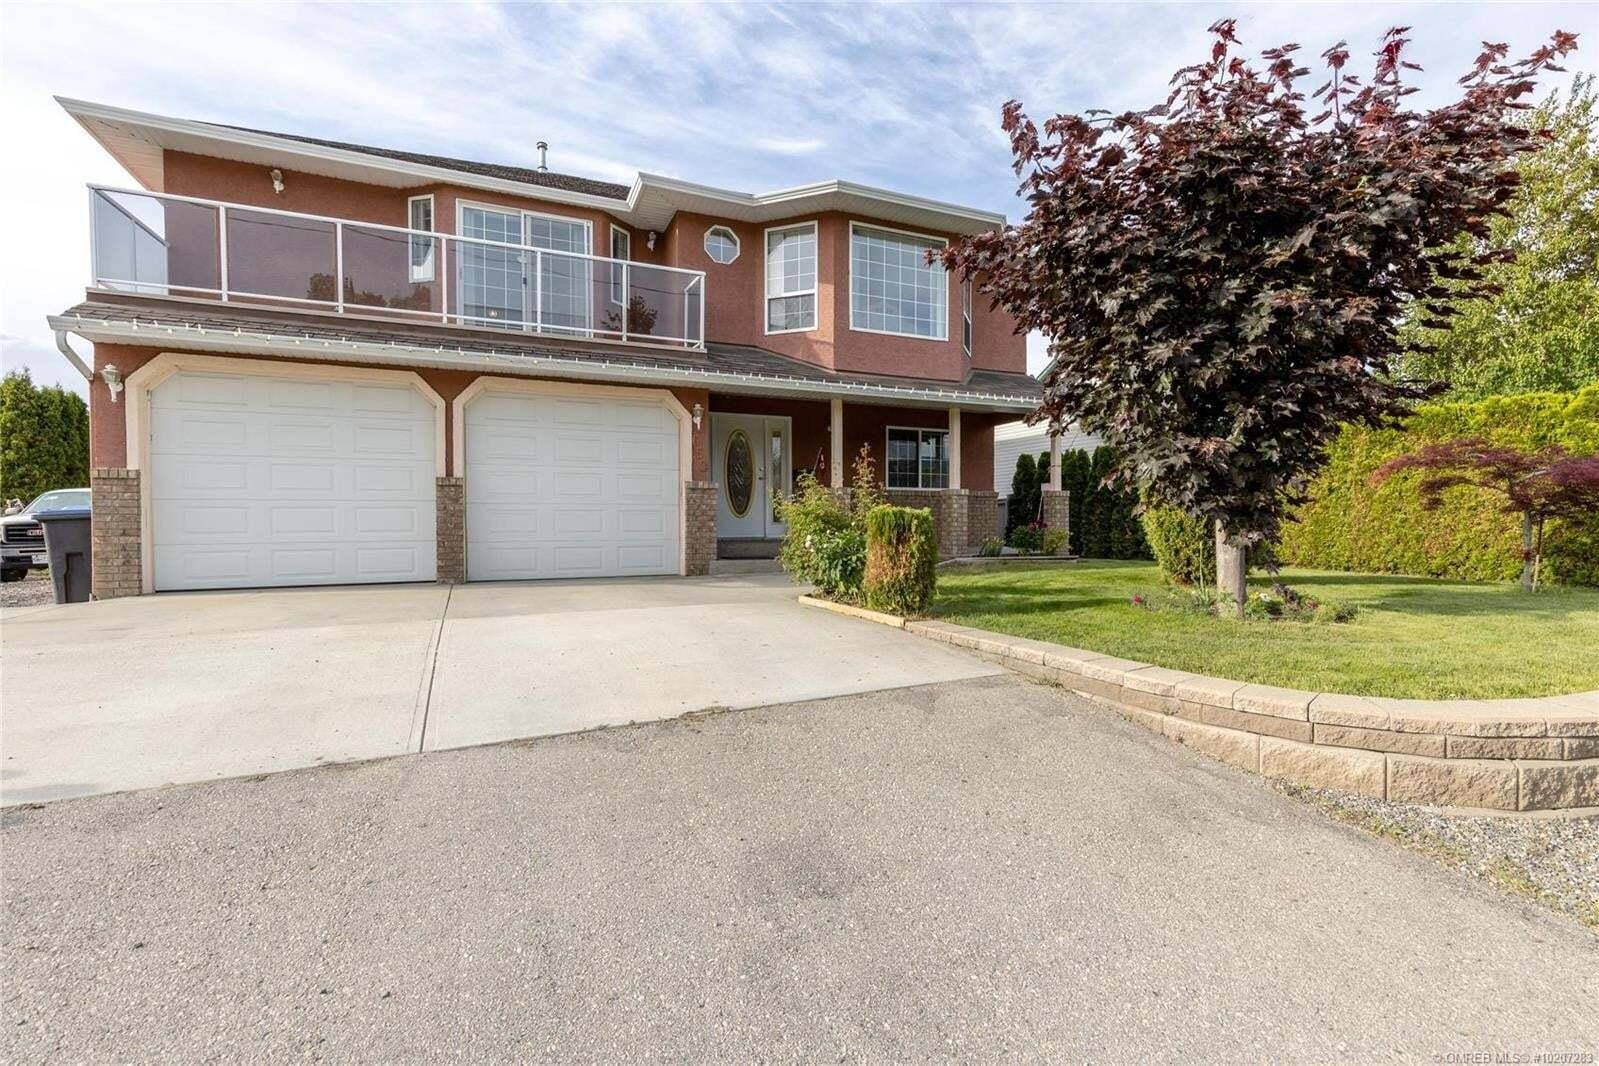 House for sale at 650 Wayne Rd Kelowna British Columbia - MLS: 10207283